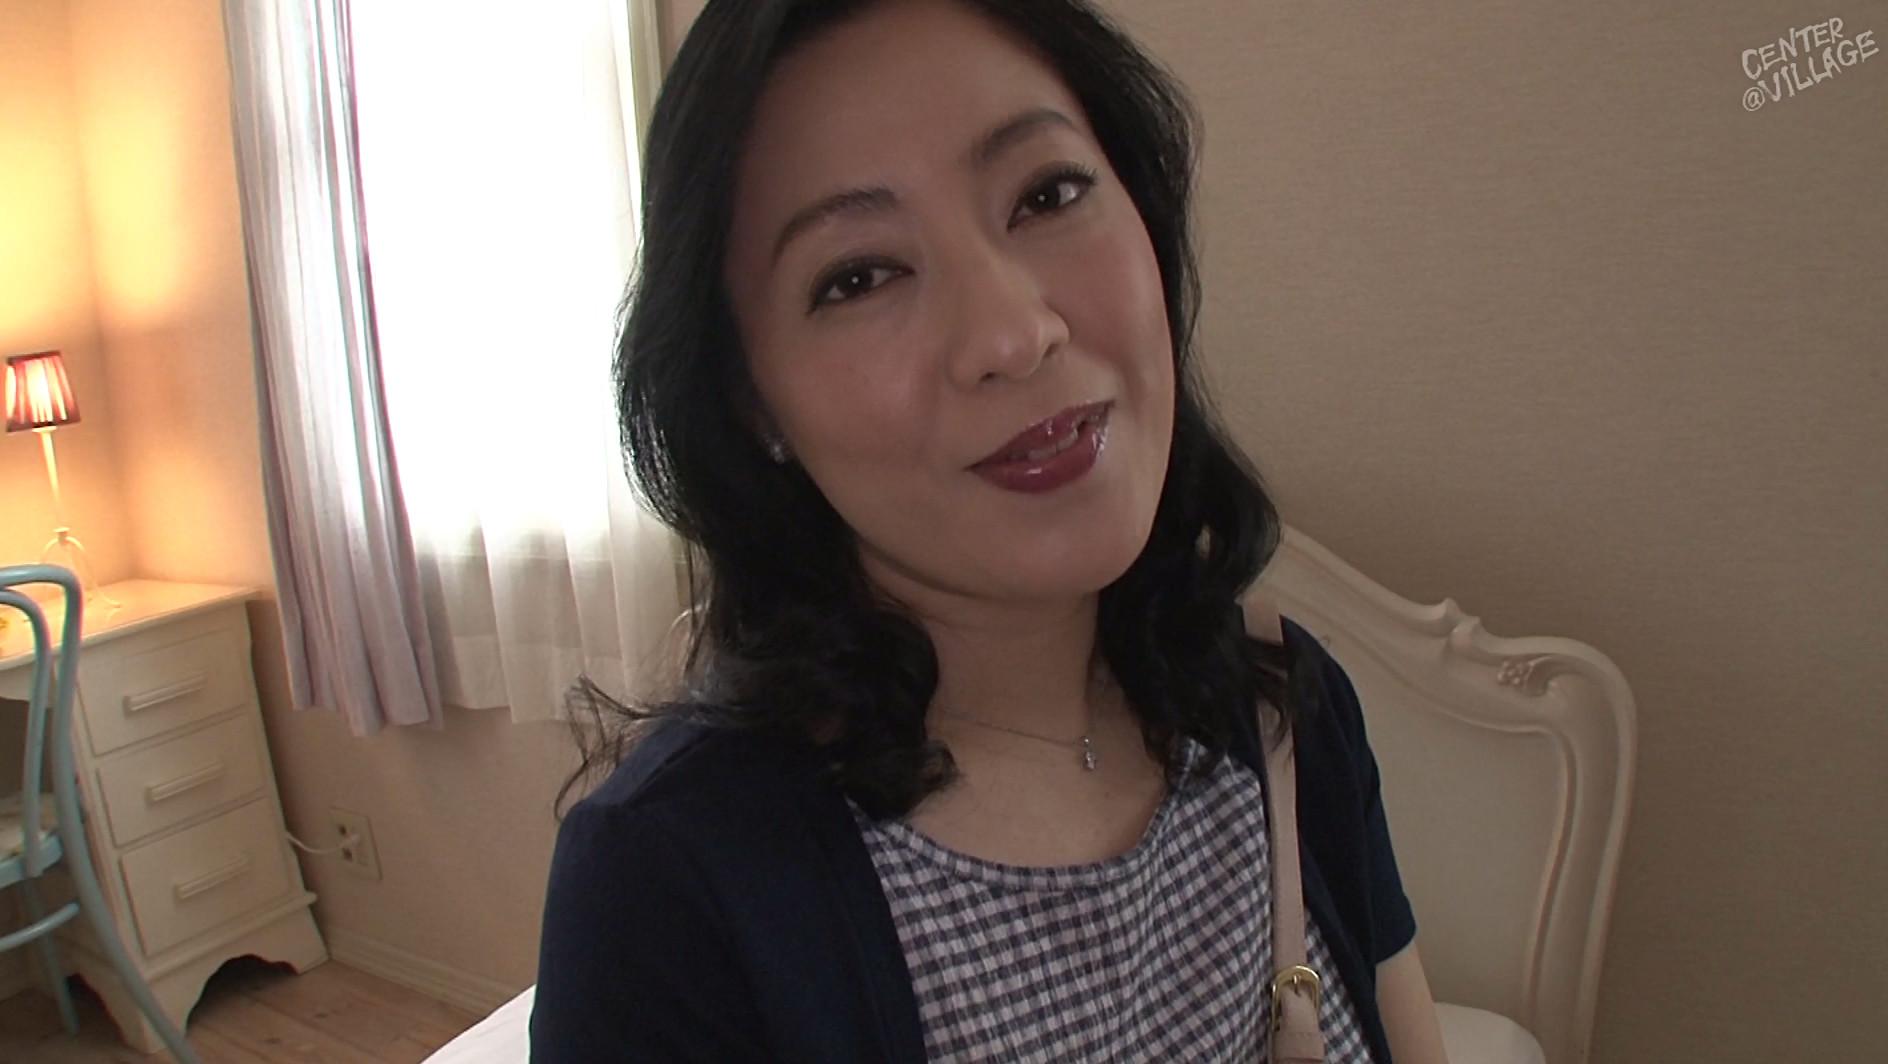 藤村美枝子  av 無料サンプル画像 この動画のサンプル画像はクリックで拡大できます。